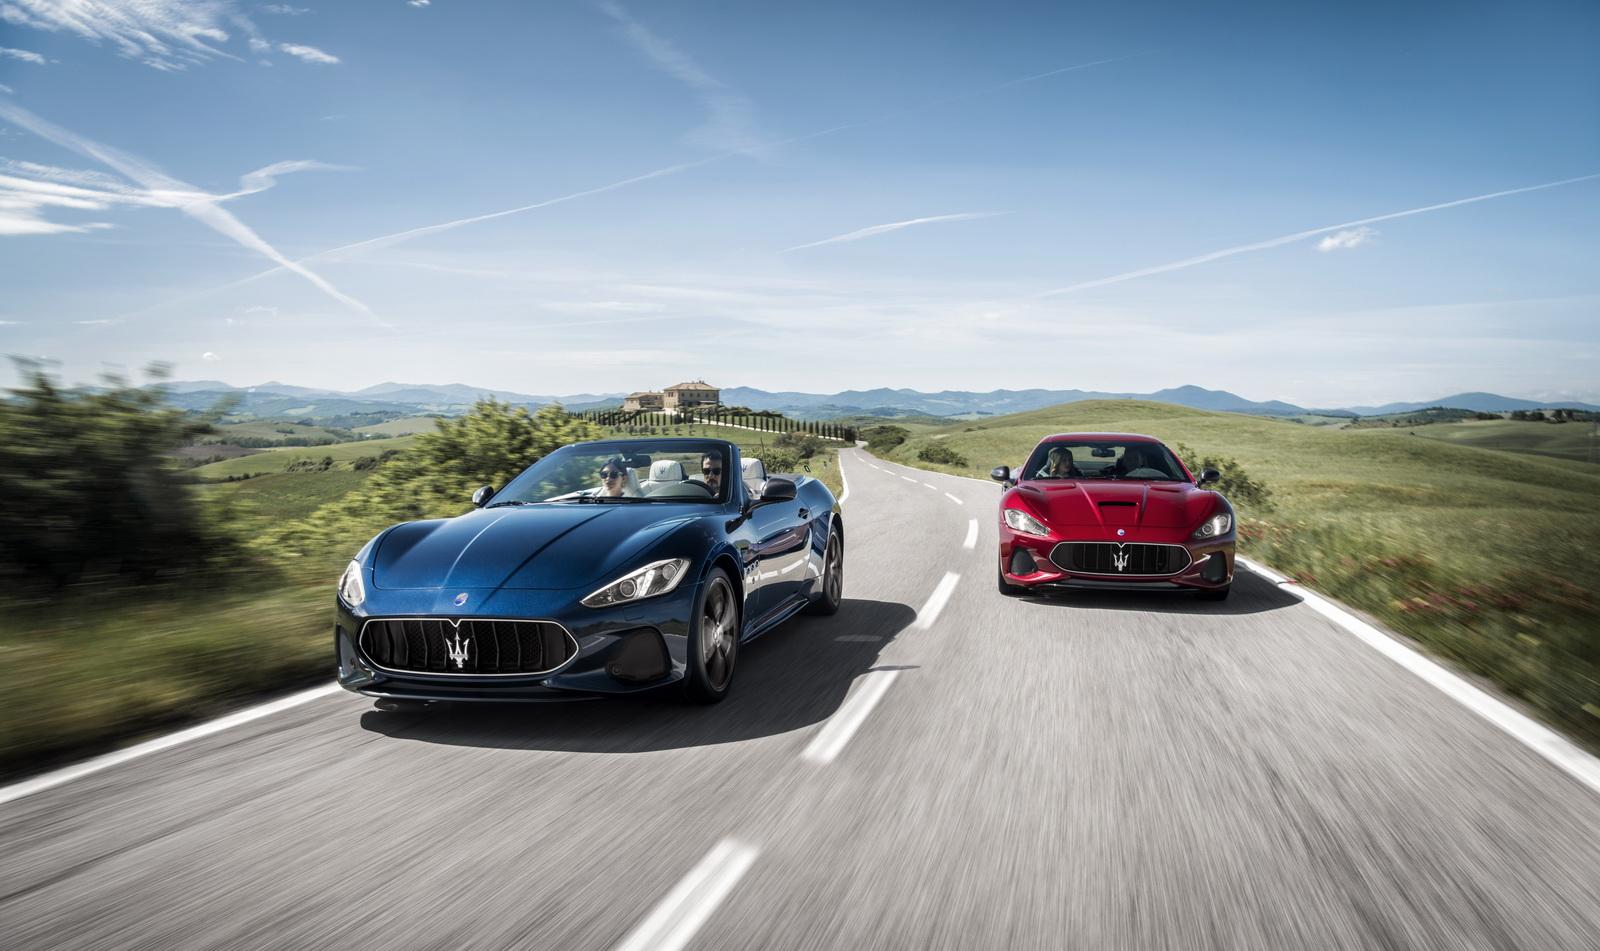 Maserati GranTurismo GranCabrio 2018 (1)